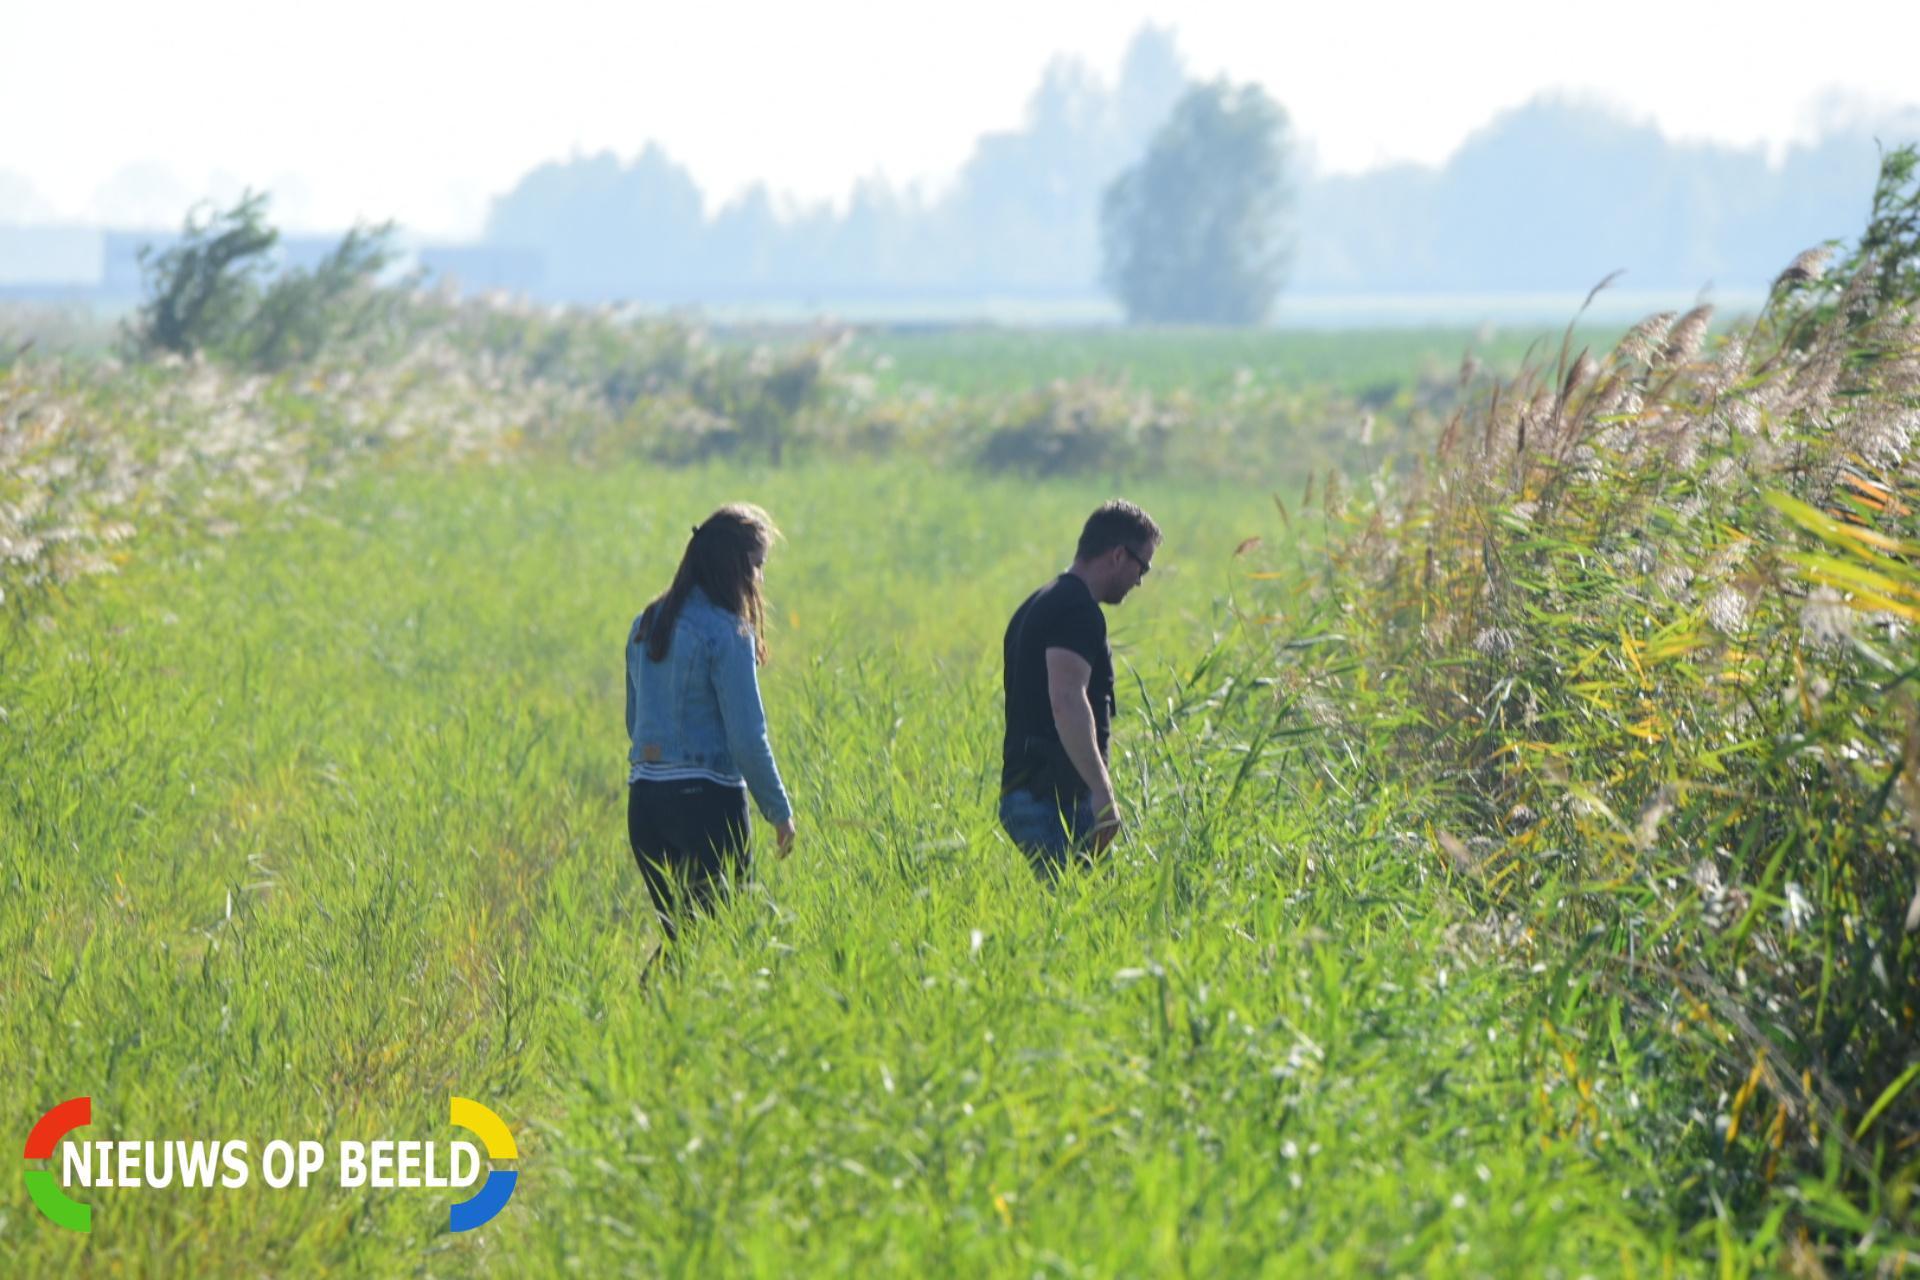 Politie op zoek naar vermiste Delftse vrouw in natuurgebied N217 Oud-Beijerland